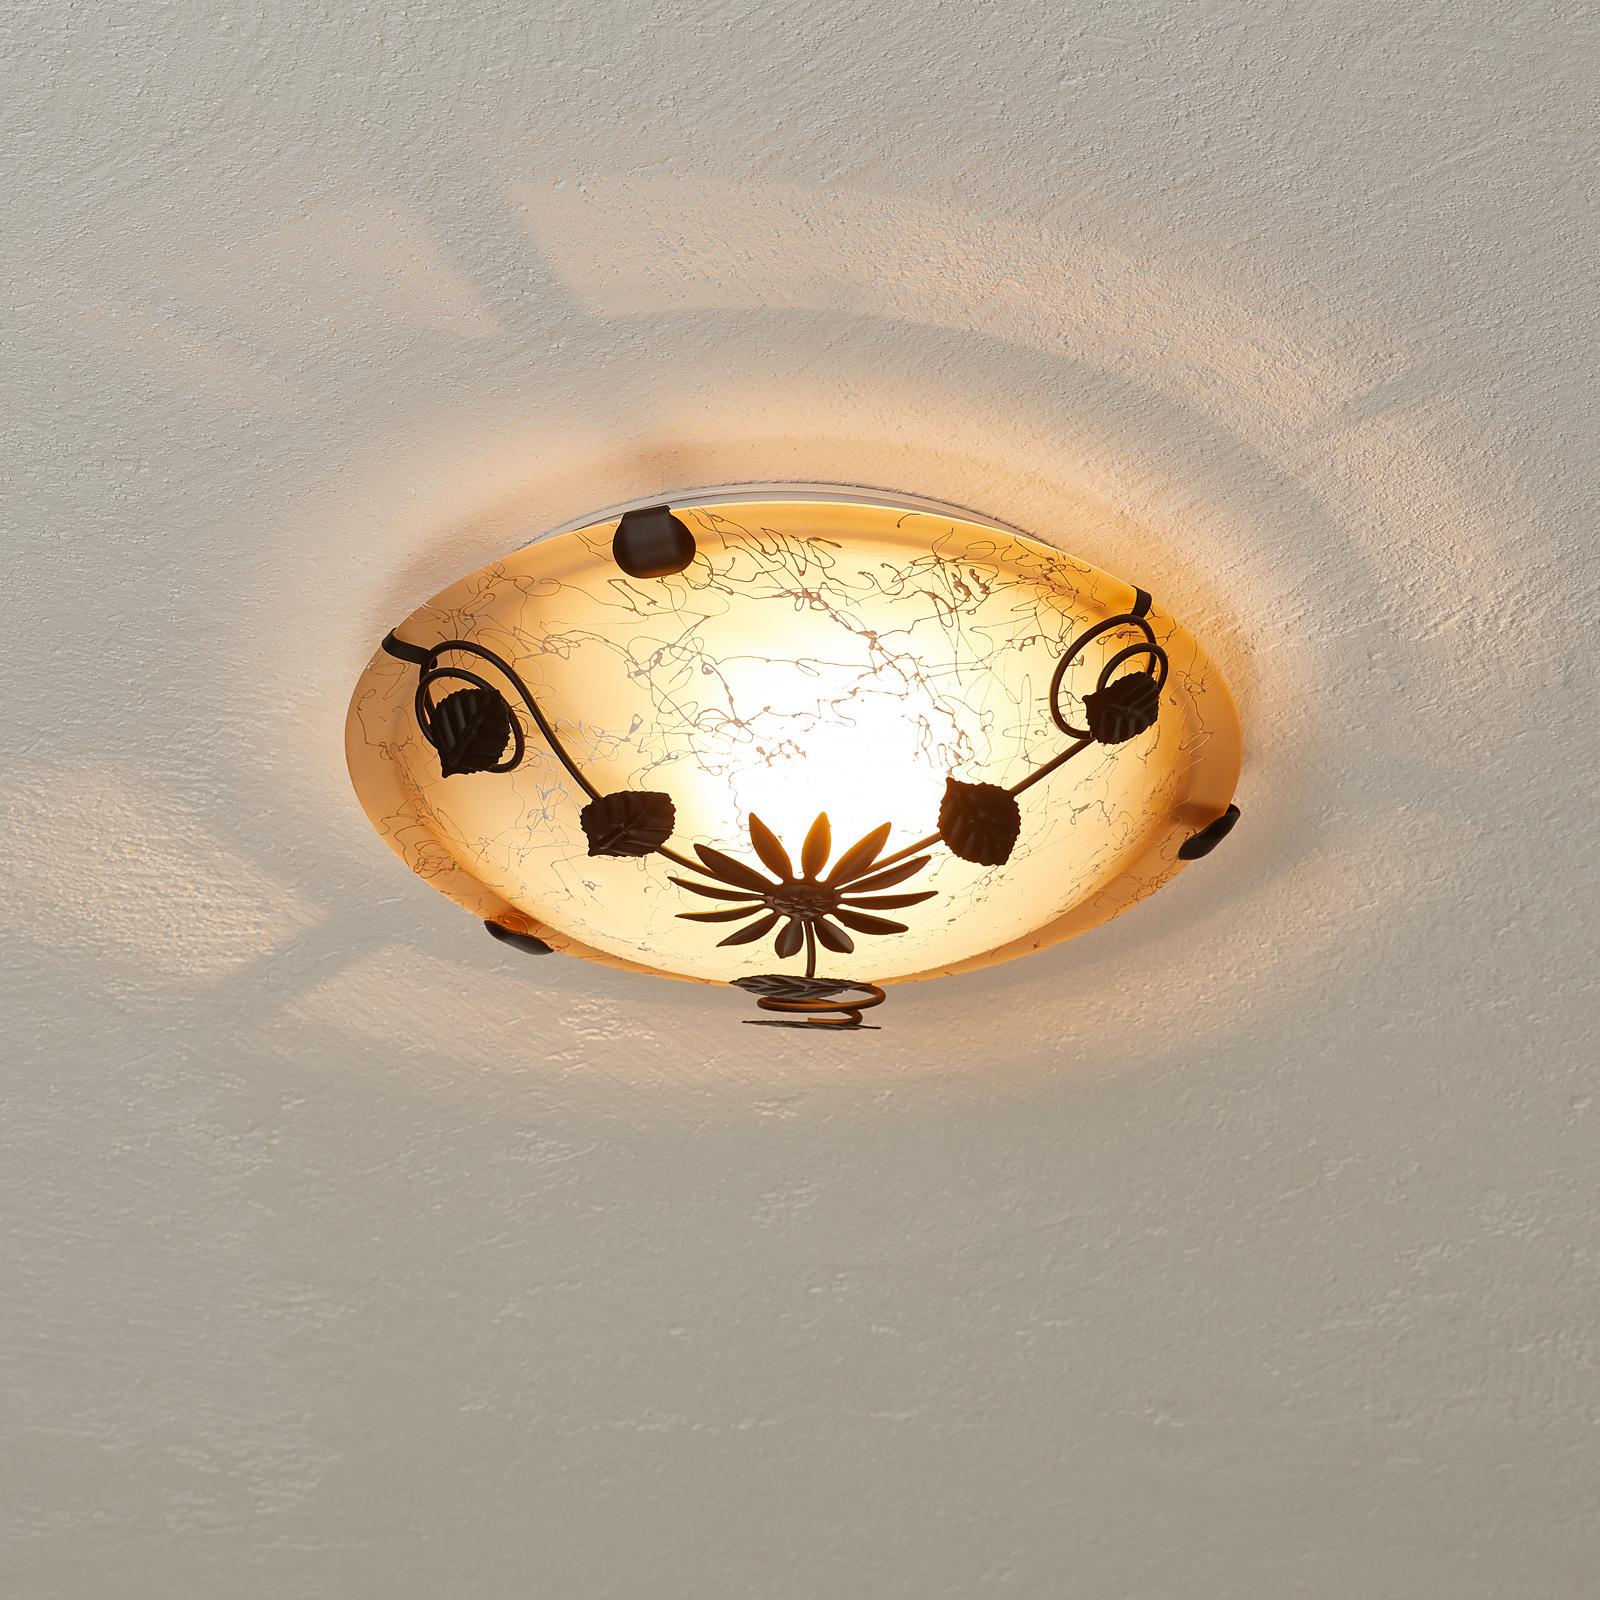 Brązowa lampa sufitowa Provence, motyw roślinny